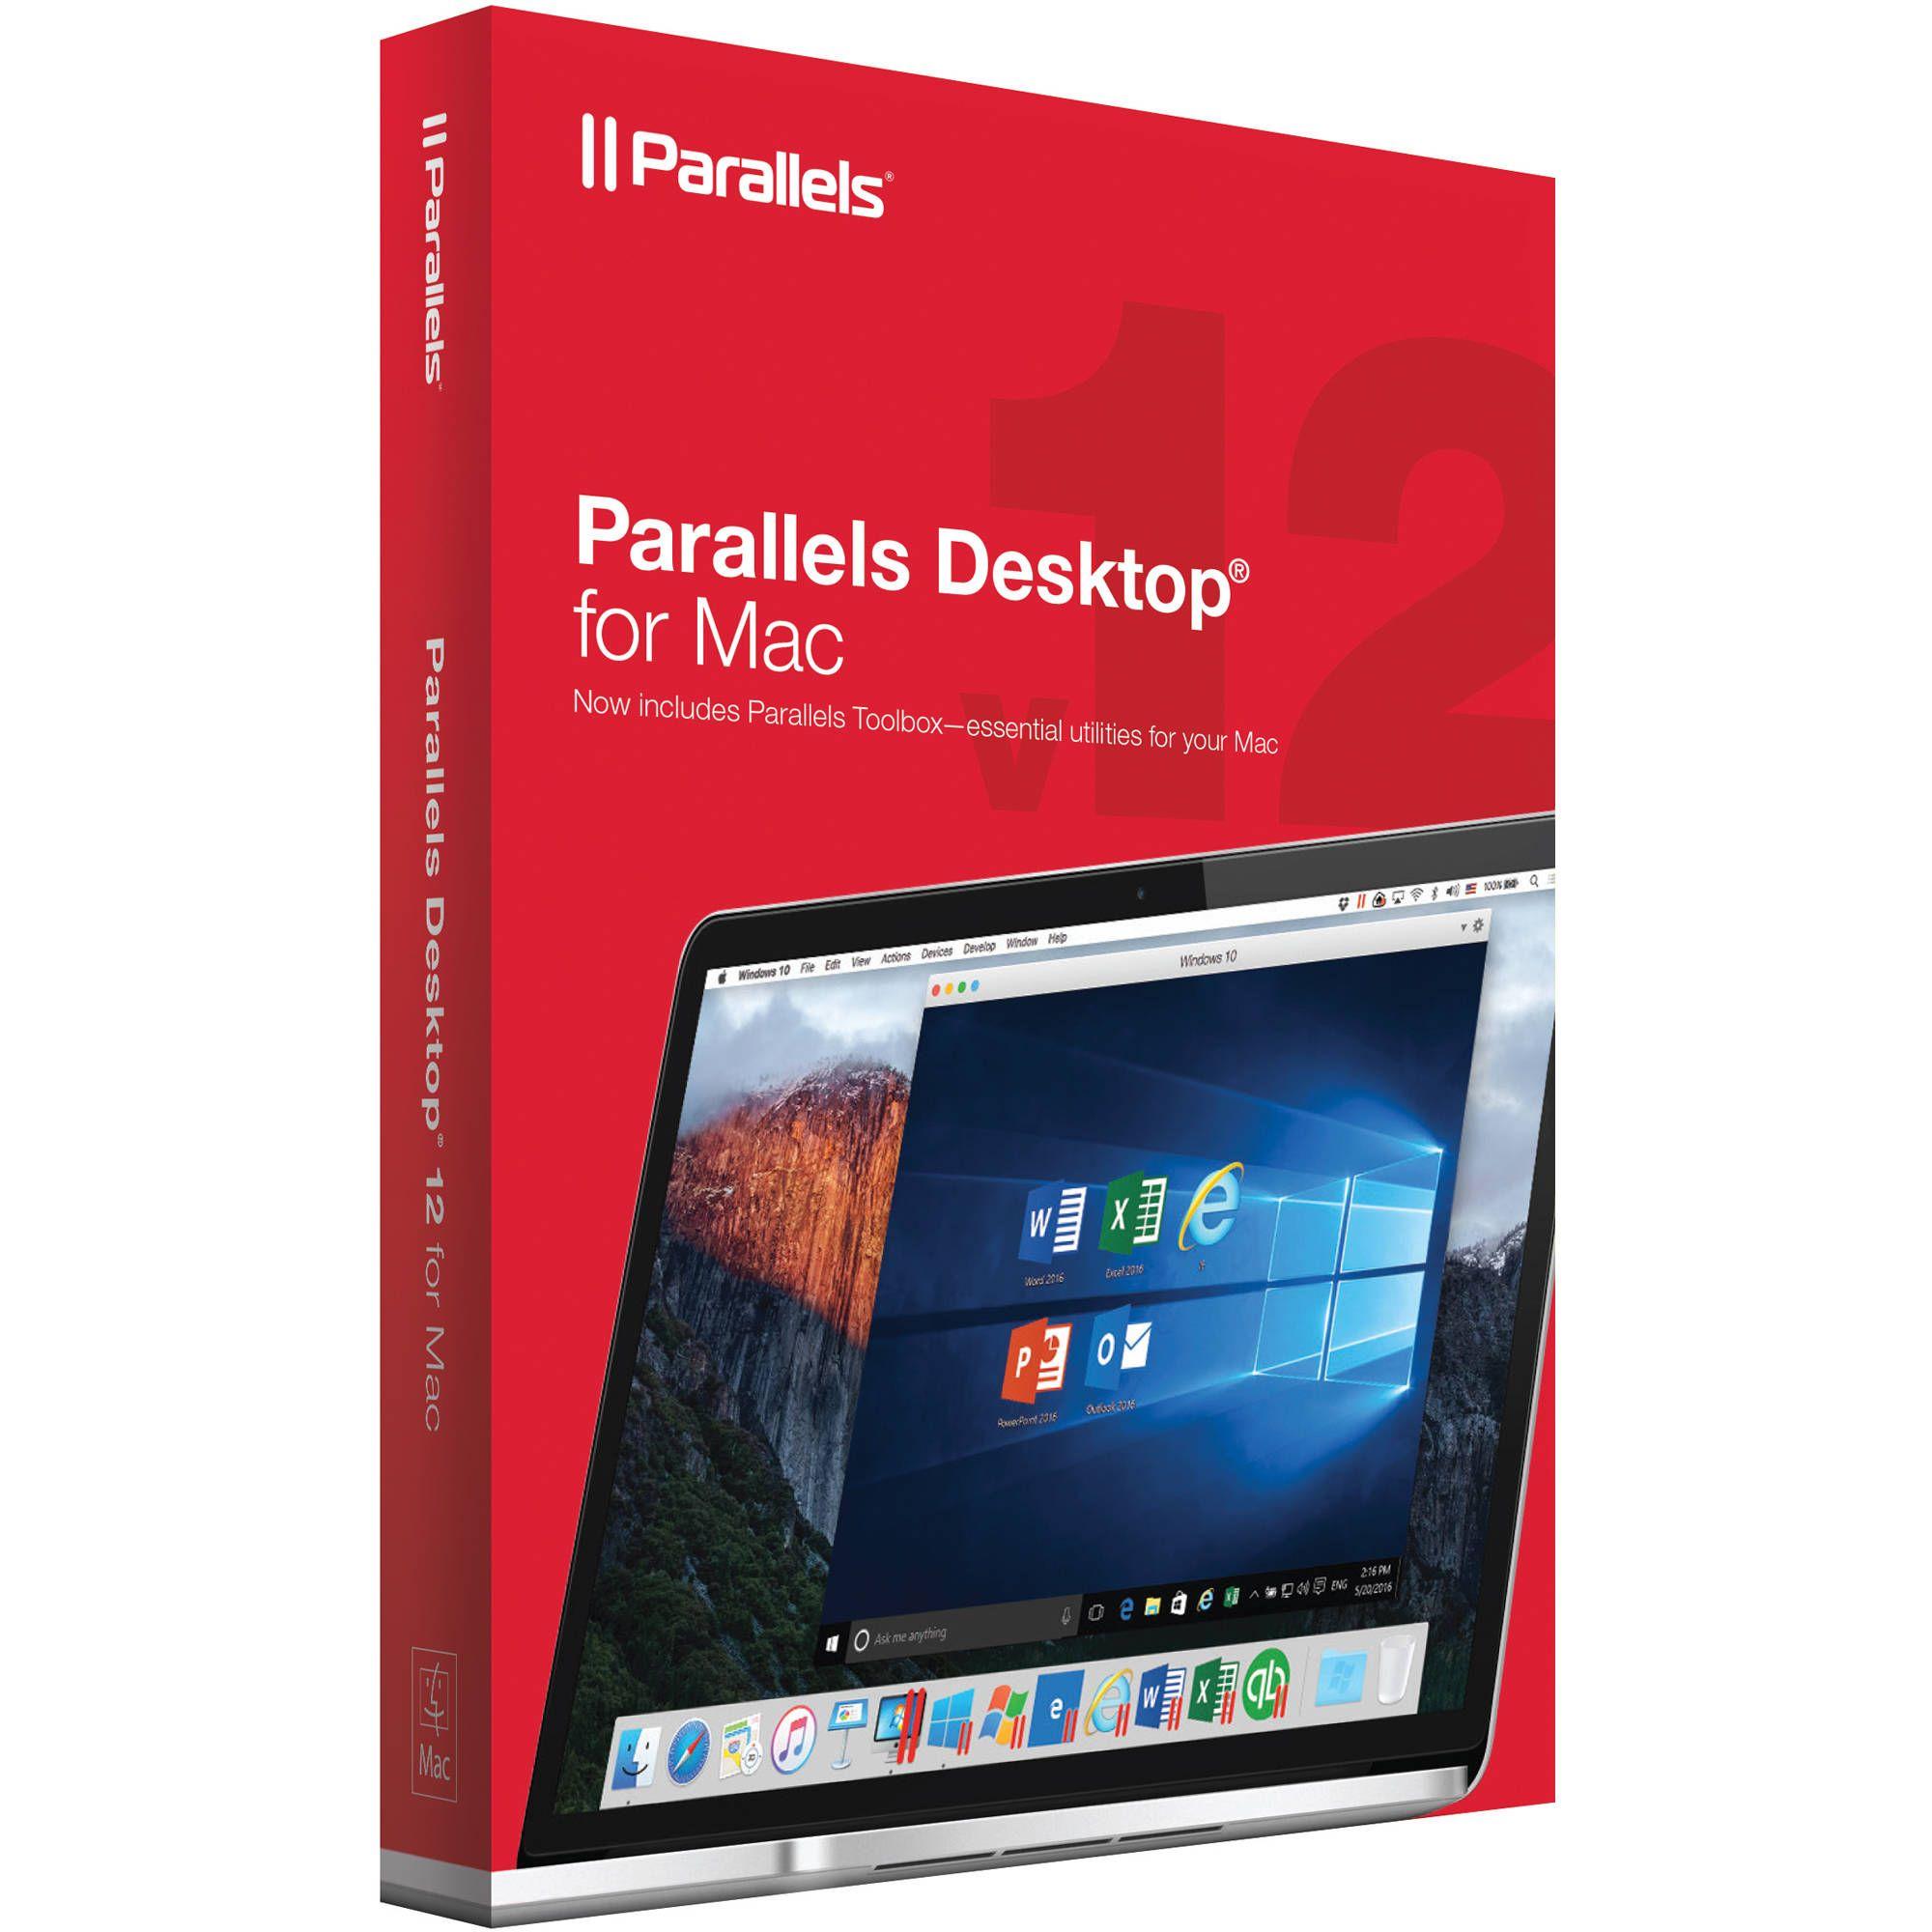 sibelius 6 crack mac free download